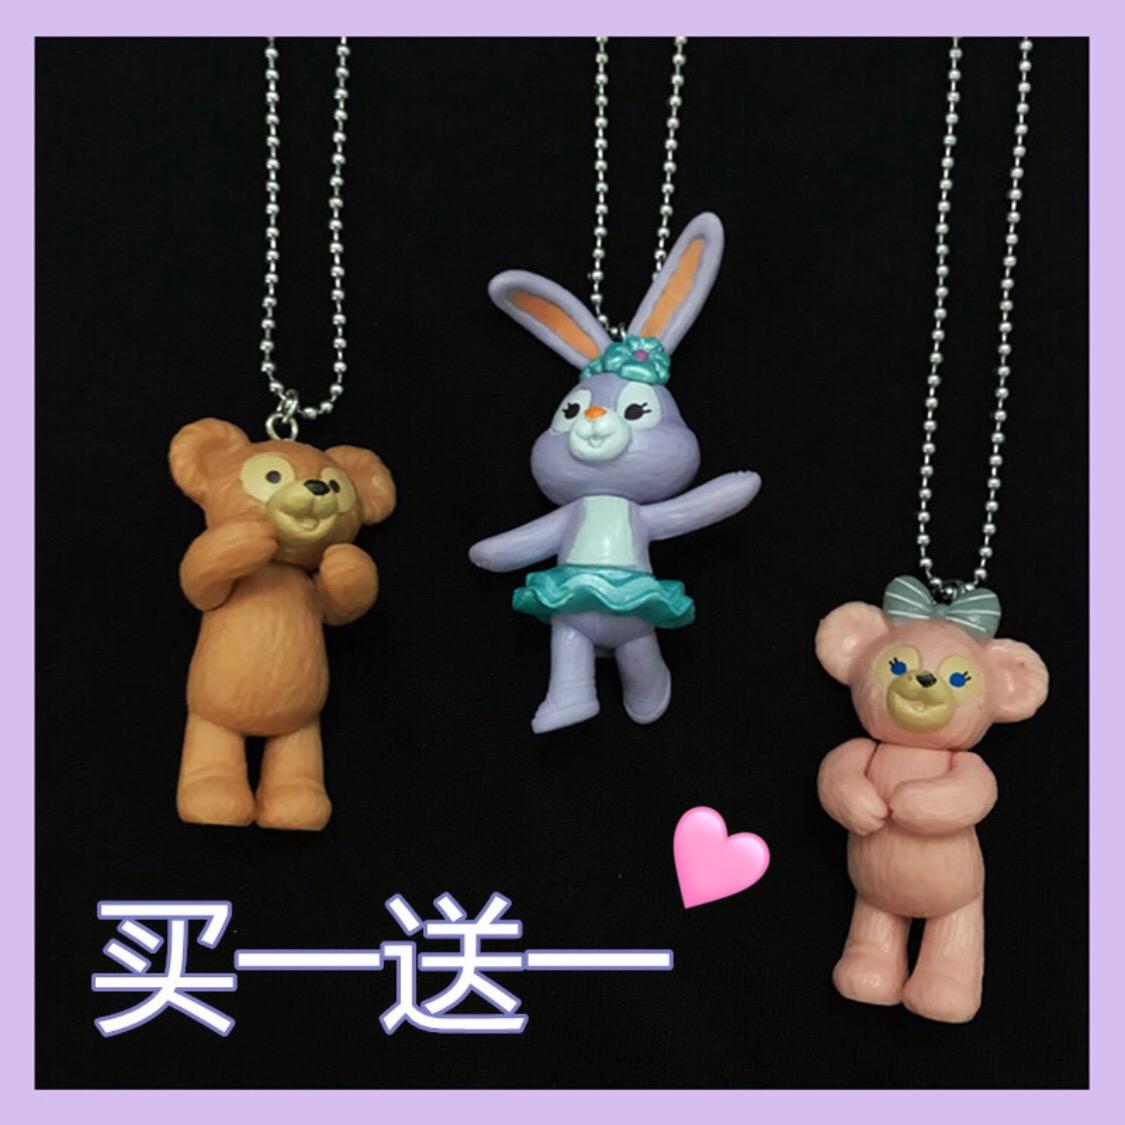 卡通迪士尼芭蕾兔史黛拉小兔子项链蹦迪嘻哈雪莉枚达菲熊锁骨链